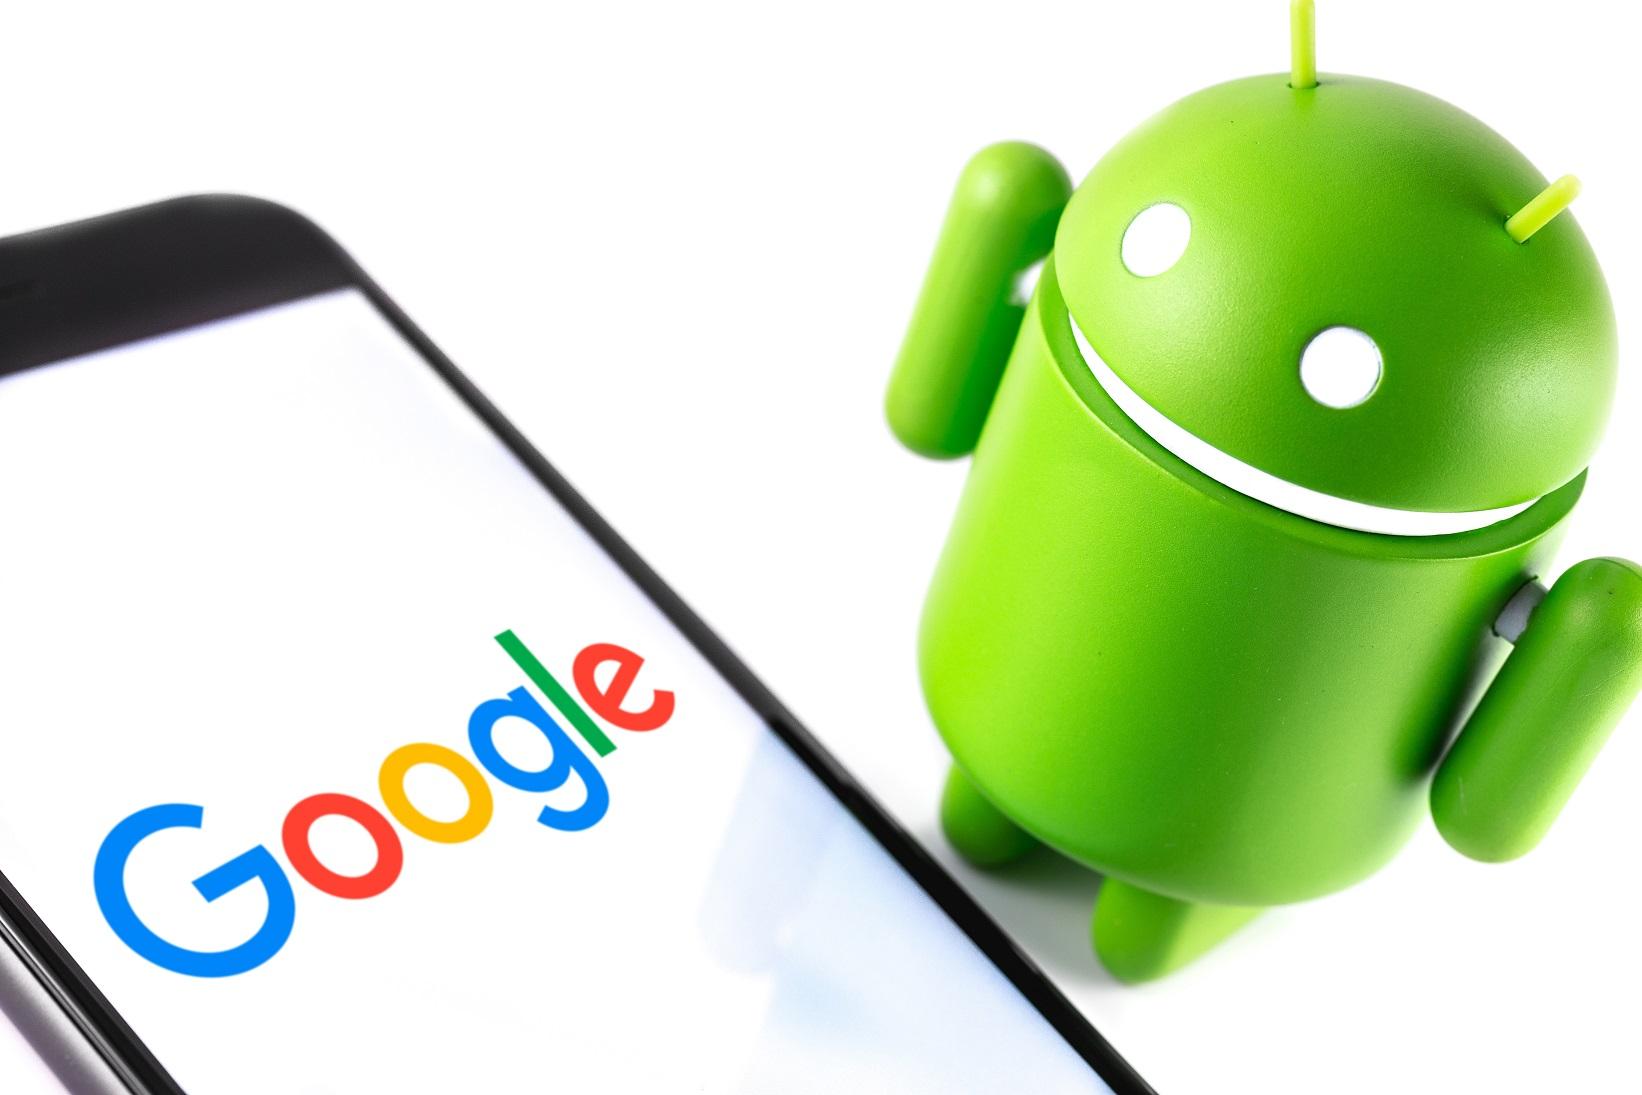 Google Android Figur und ein Smartphone